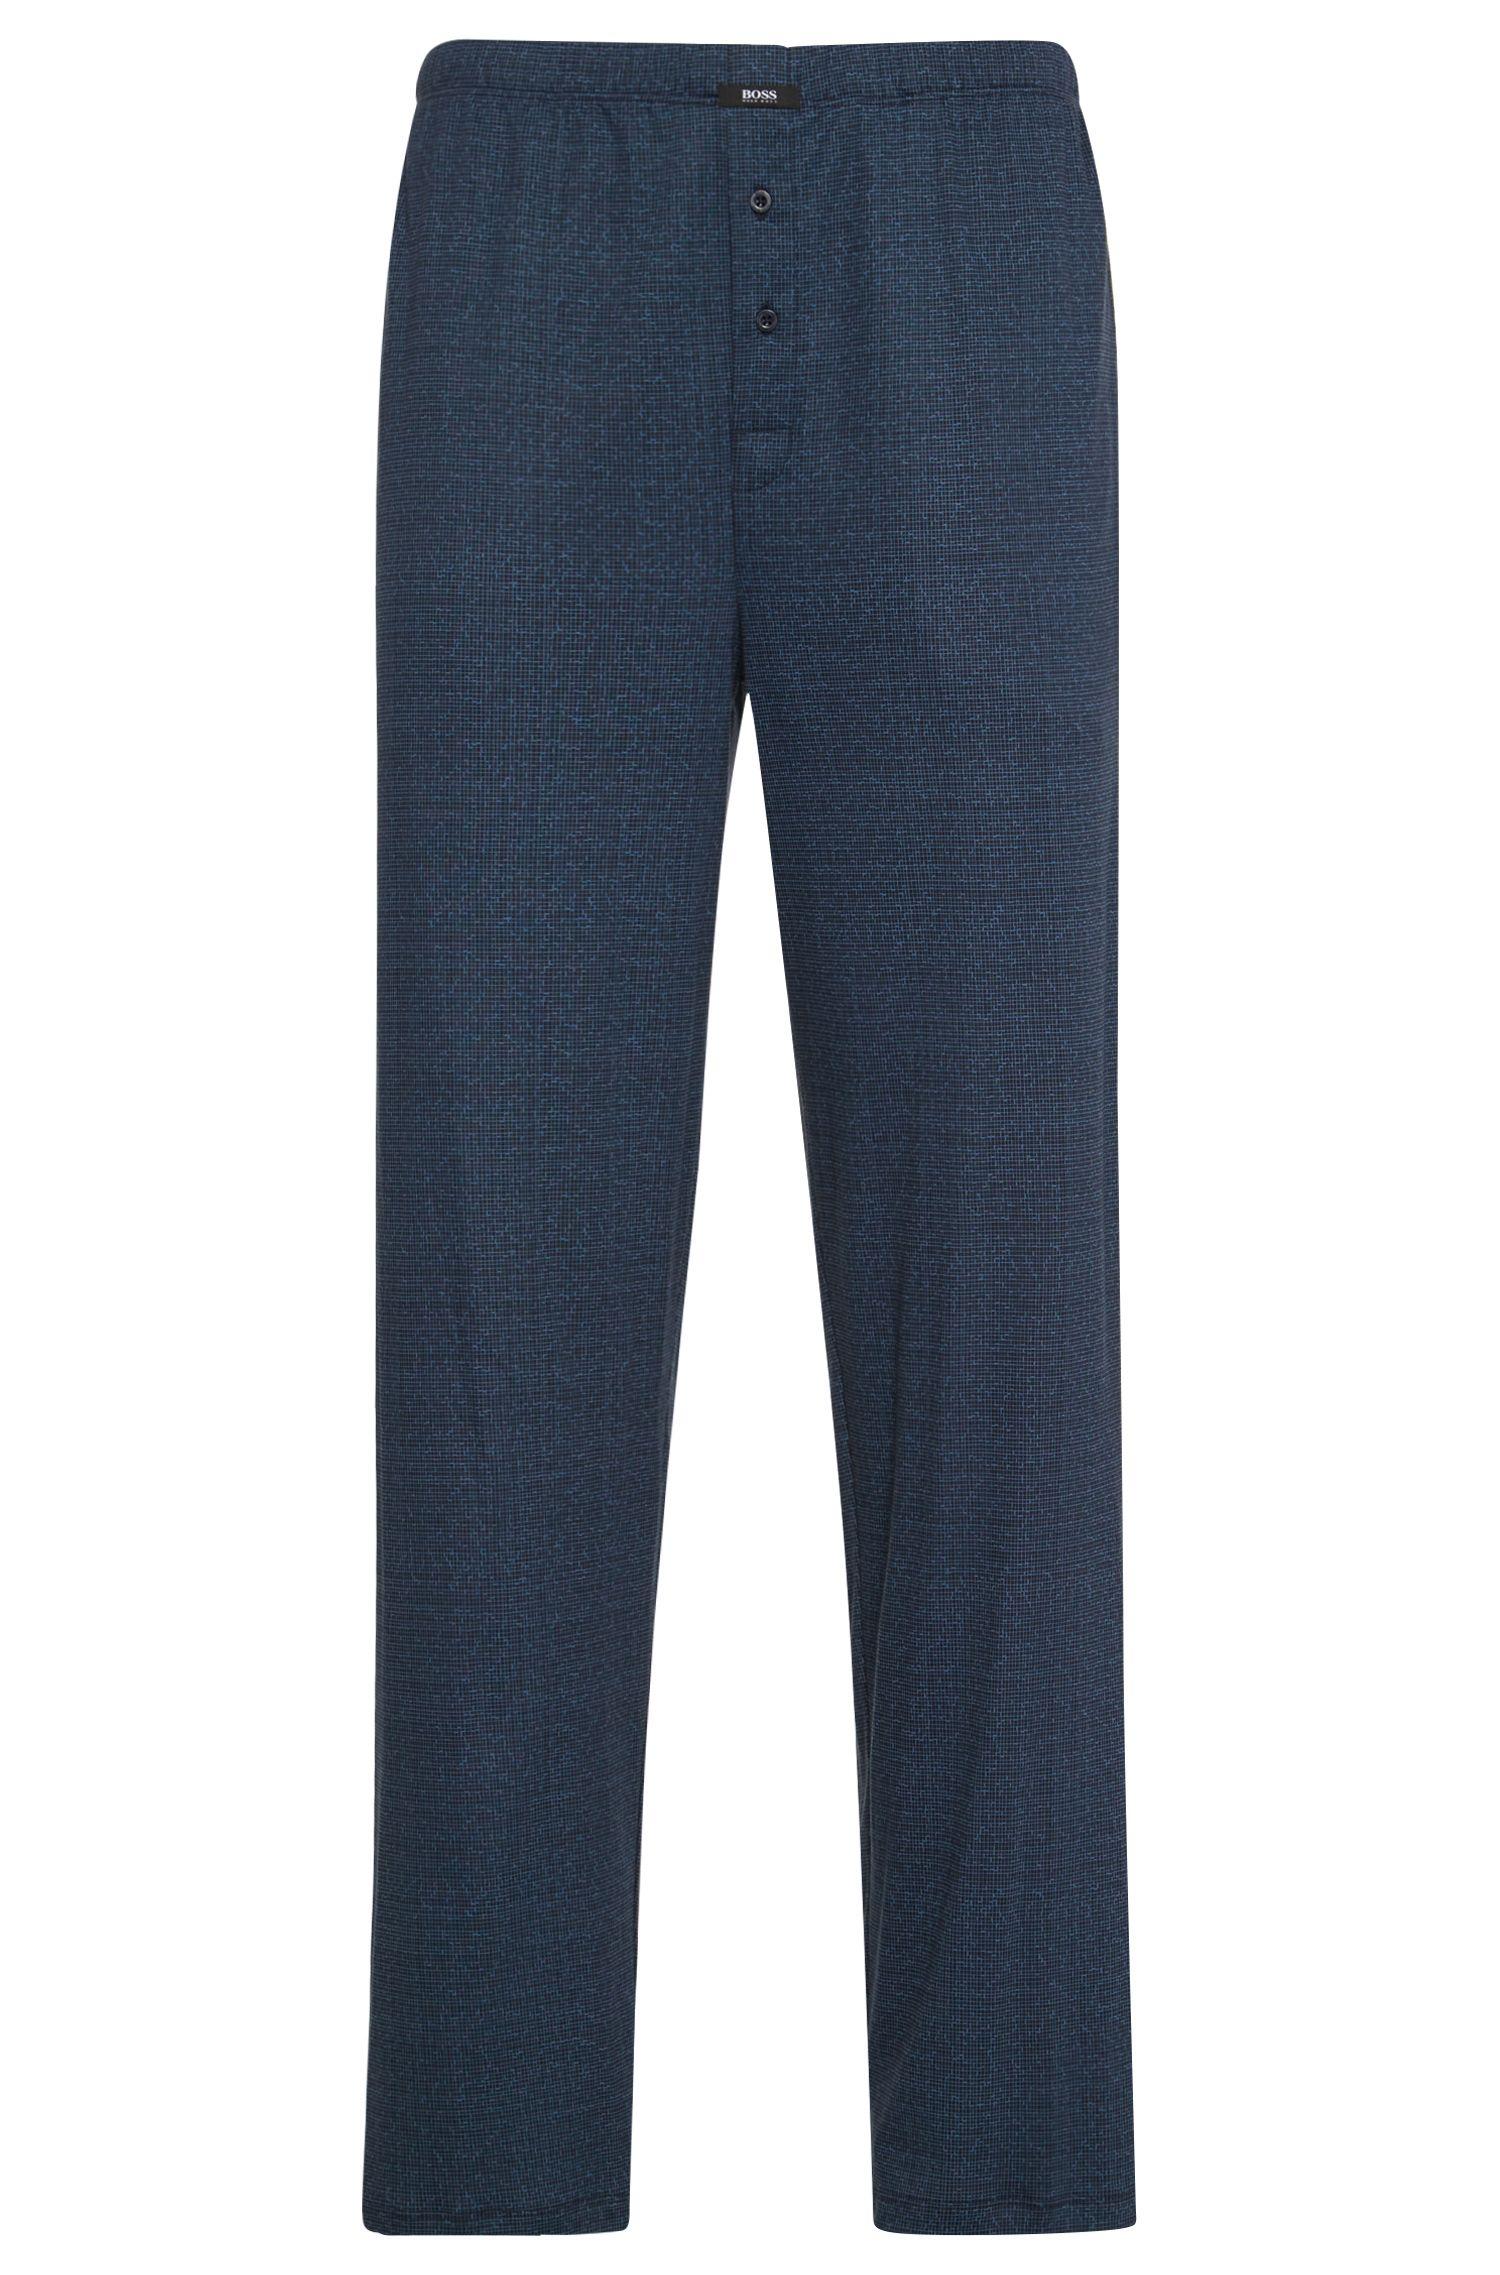 'Jersey Long Pant CW' | Cotton Modal Printed Pants